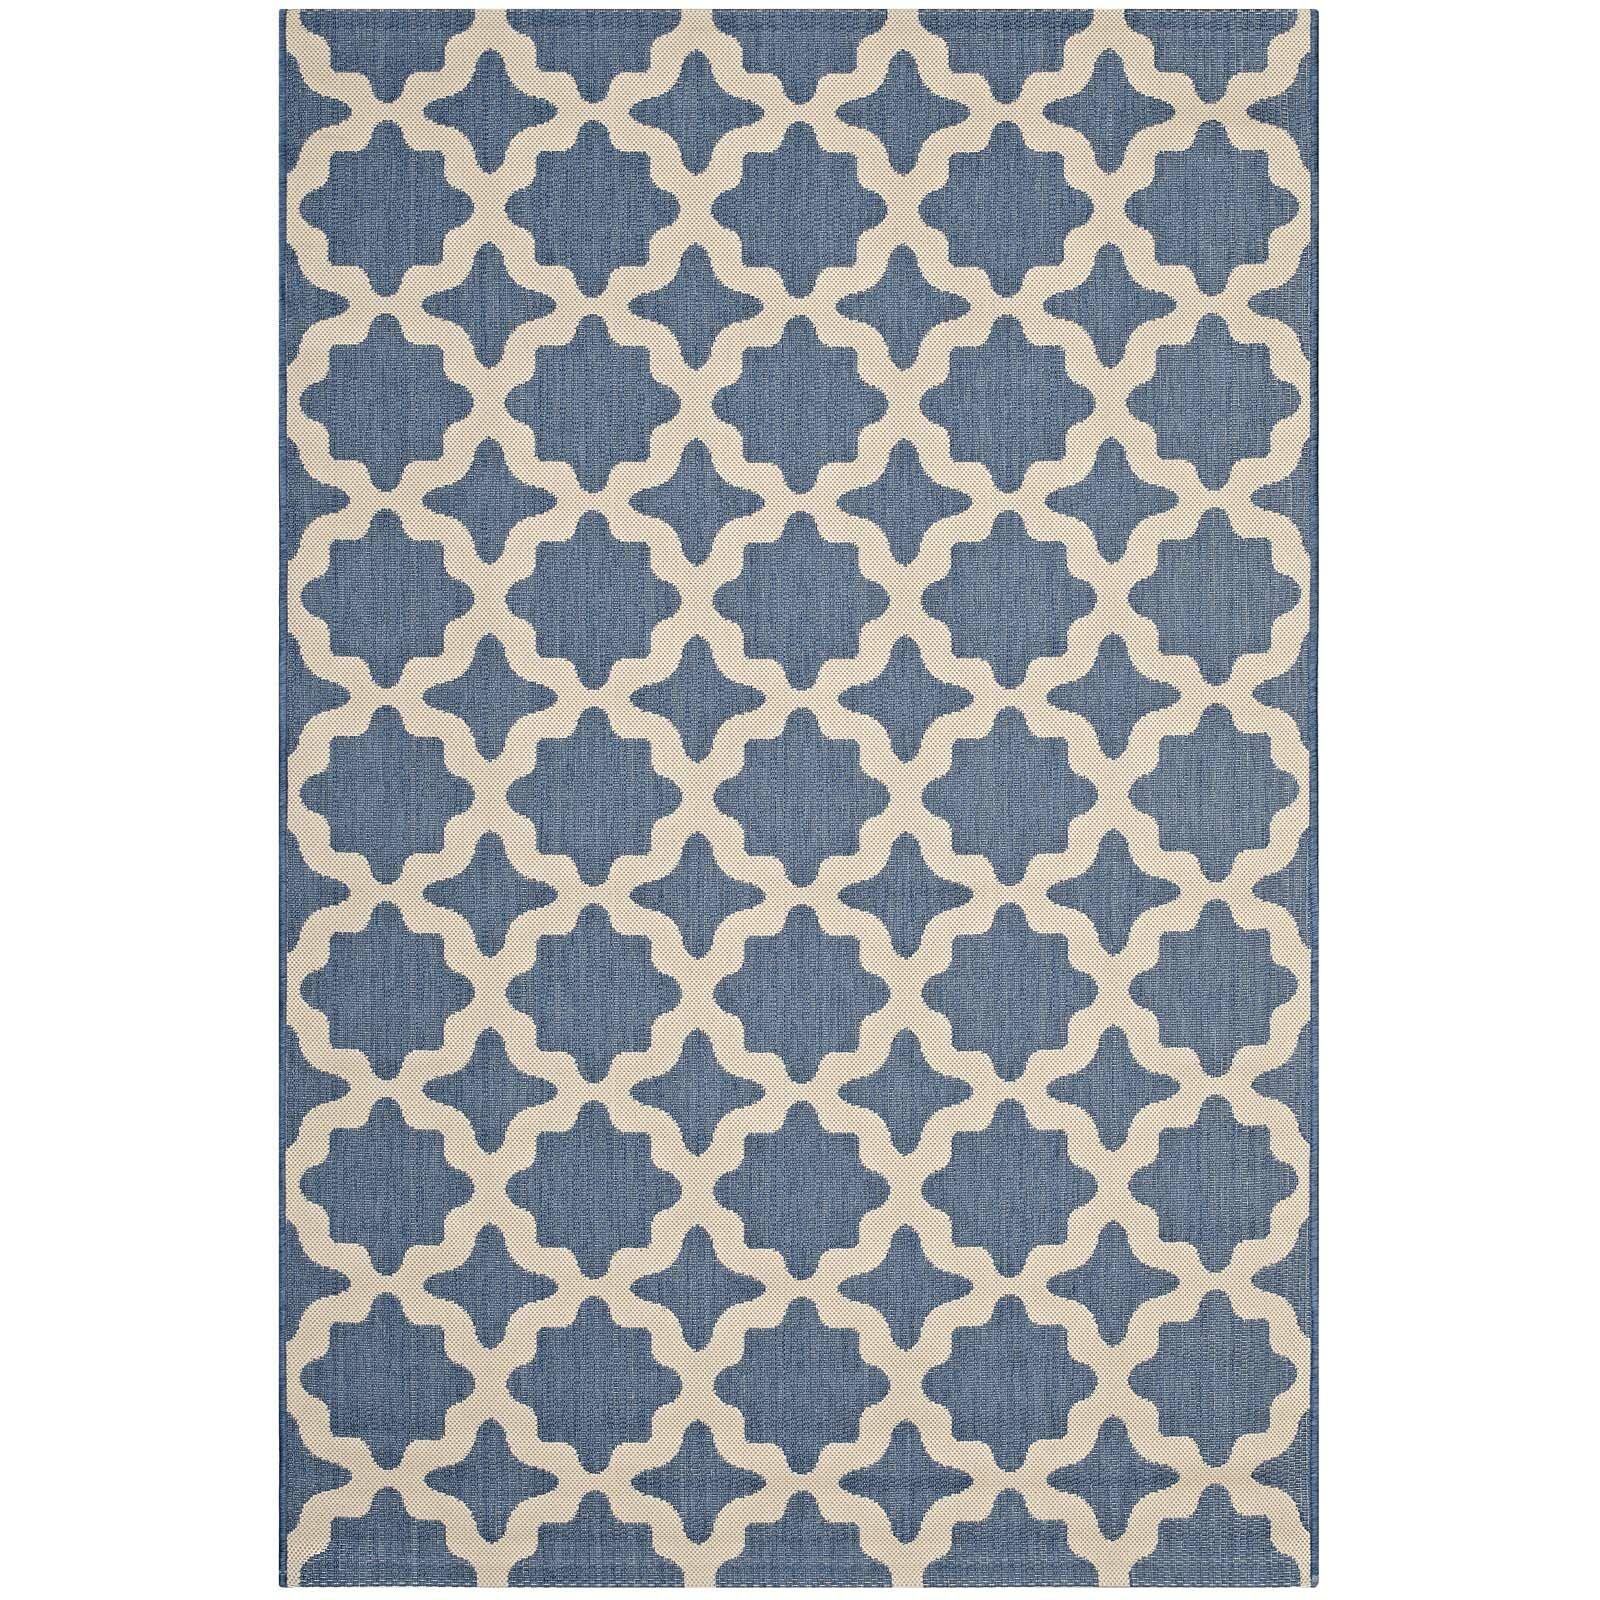 Hervey Bay Moroccan Trellis Blue/Beige Indoor/Outdoor Area Rug Rug Size: Rectangle 8' x 10'